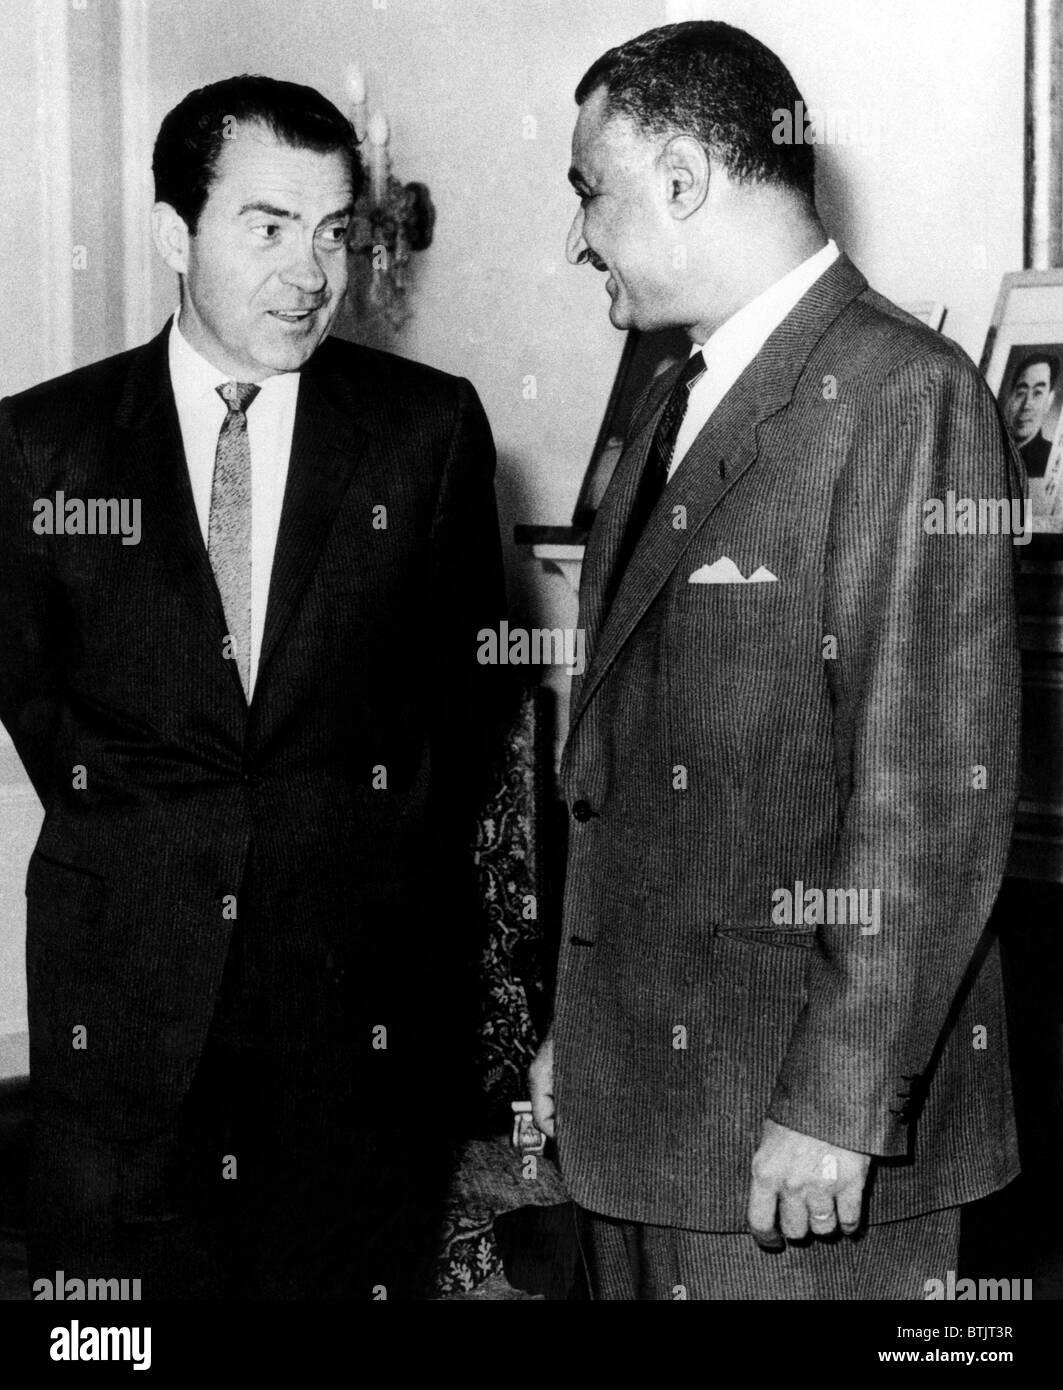 U.S. President Richard Nixon and the President of Egypt Gamal Abdel Nasser, meeting in Cairo, Egypt, 1970. - Stock Image